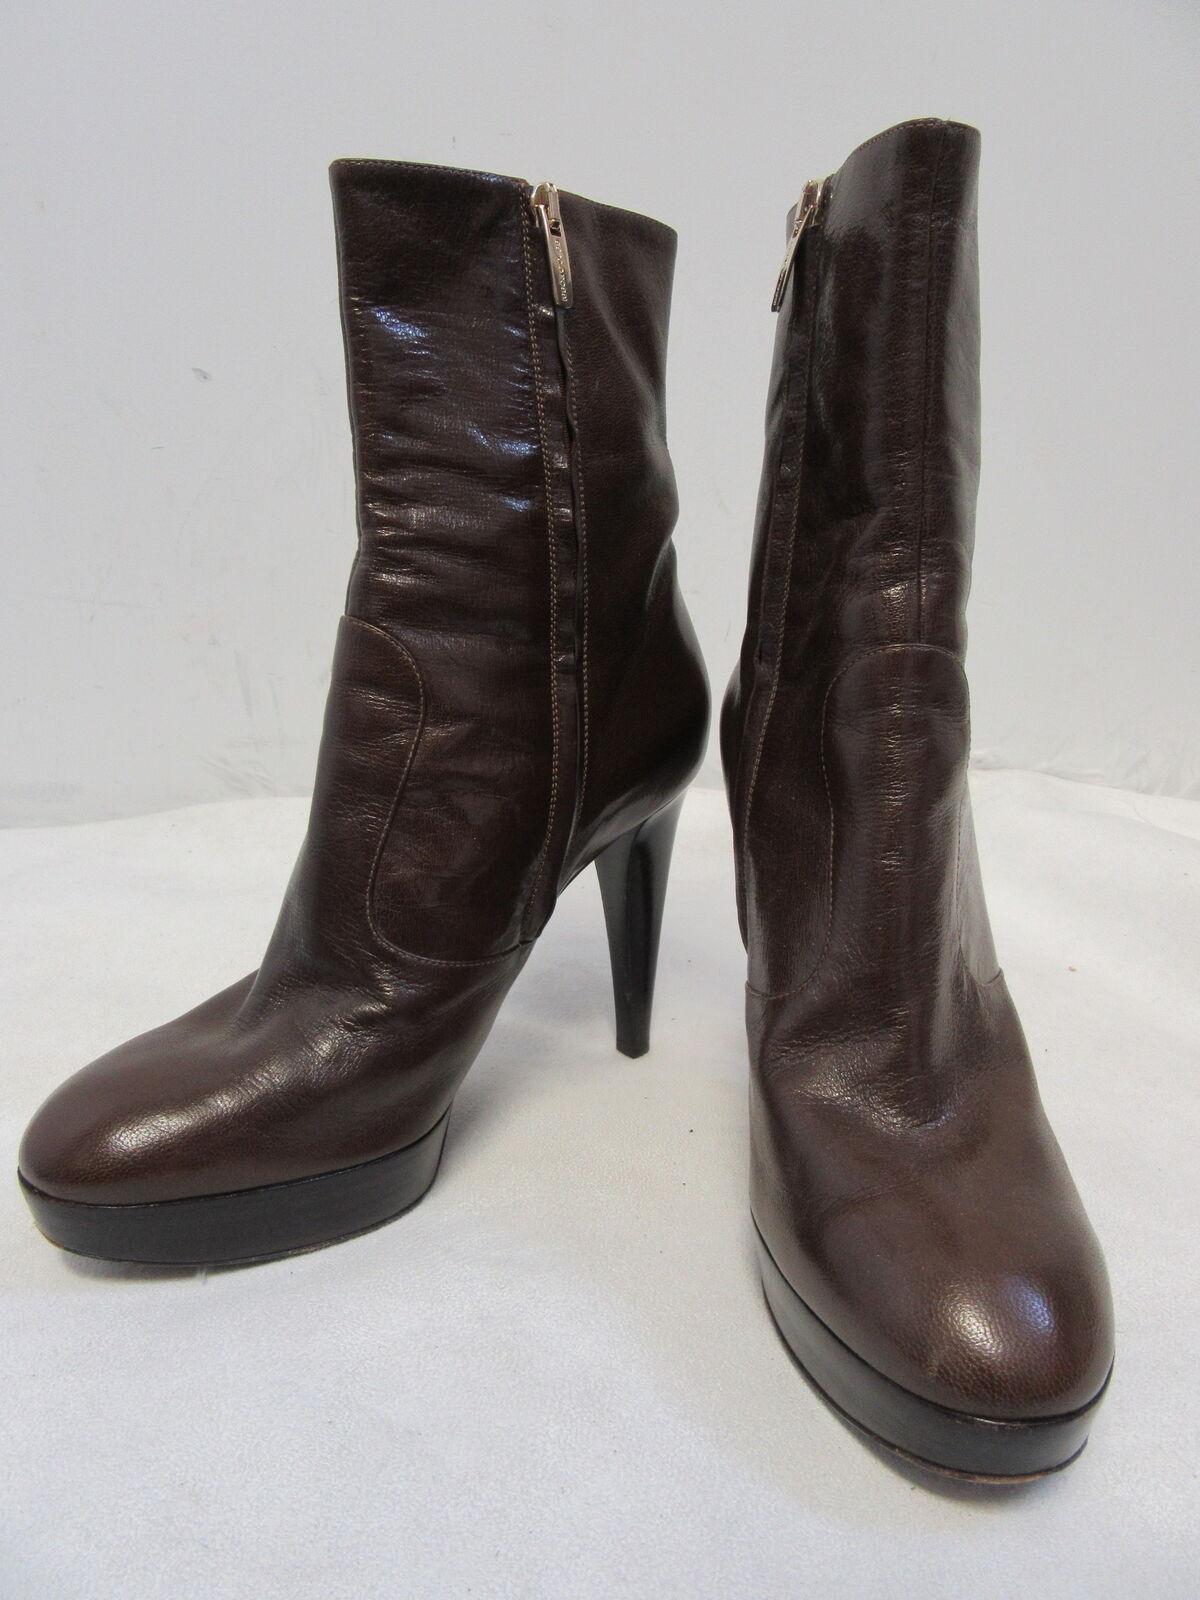 l'intera rete più bassa SERGIO ROSSI Marrone leather leather leather platform zip ankle stivali sz I 38.5  US 8.5  prezzi equi